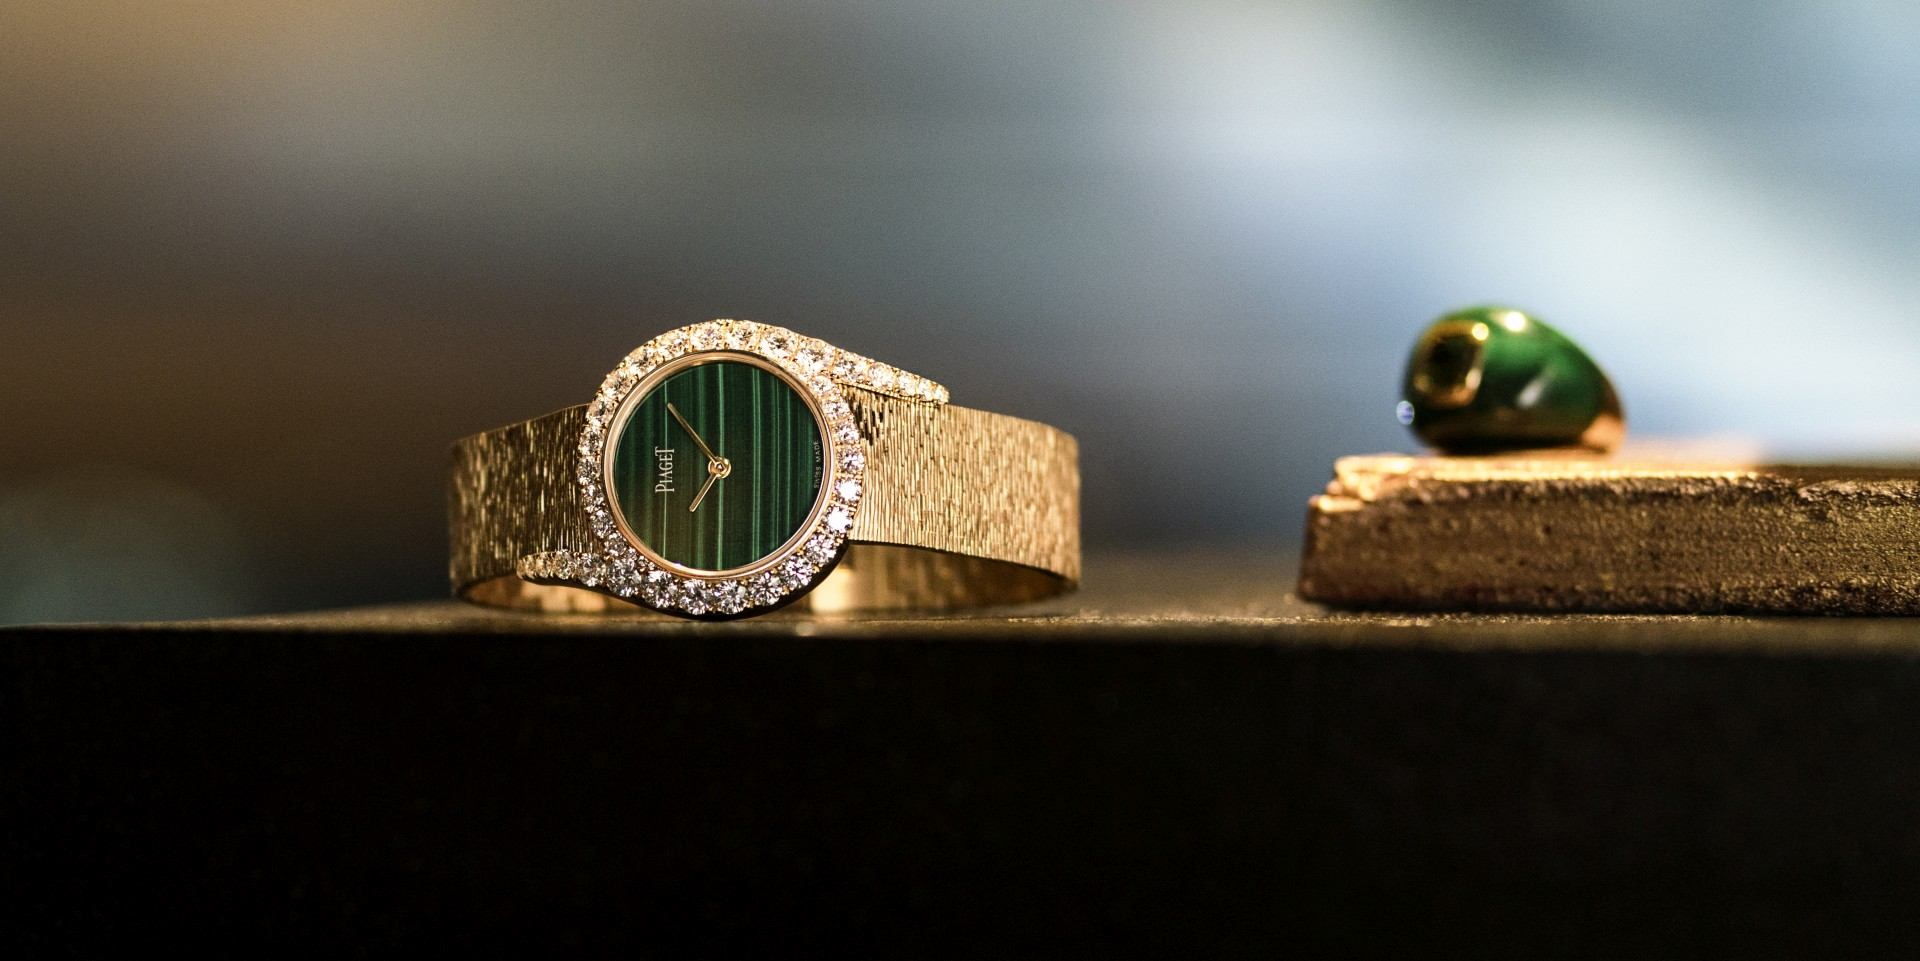 盡享繁華人生盛宴:伯爵發表全新Limelight Gala孔雀石錶盤頂級珠寶鑽石腕錶